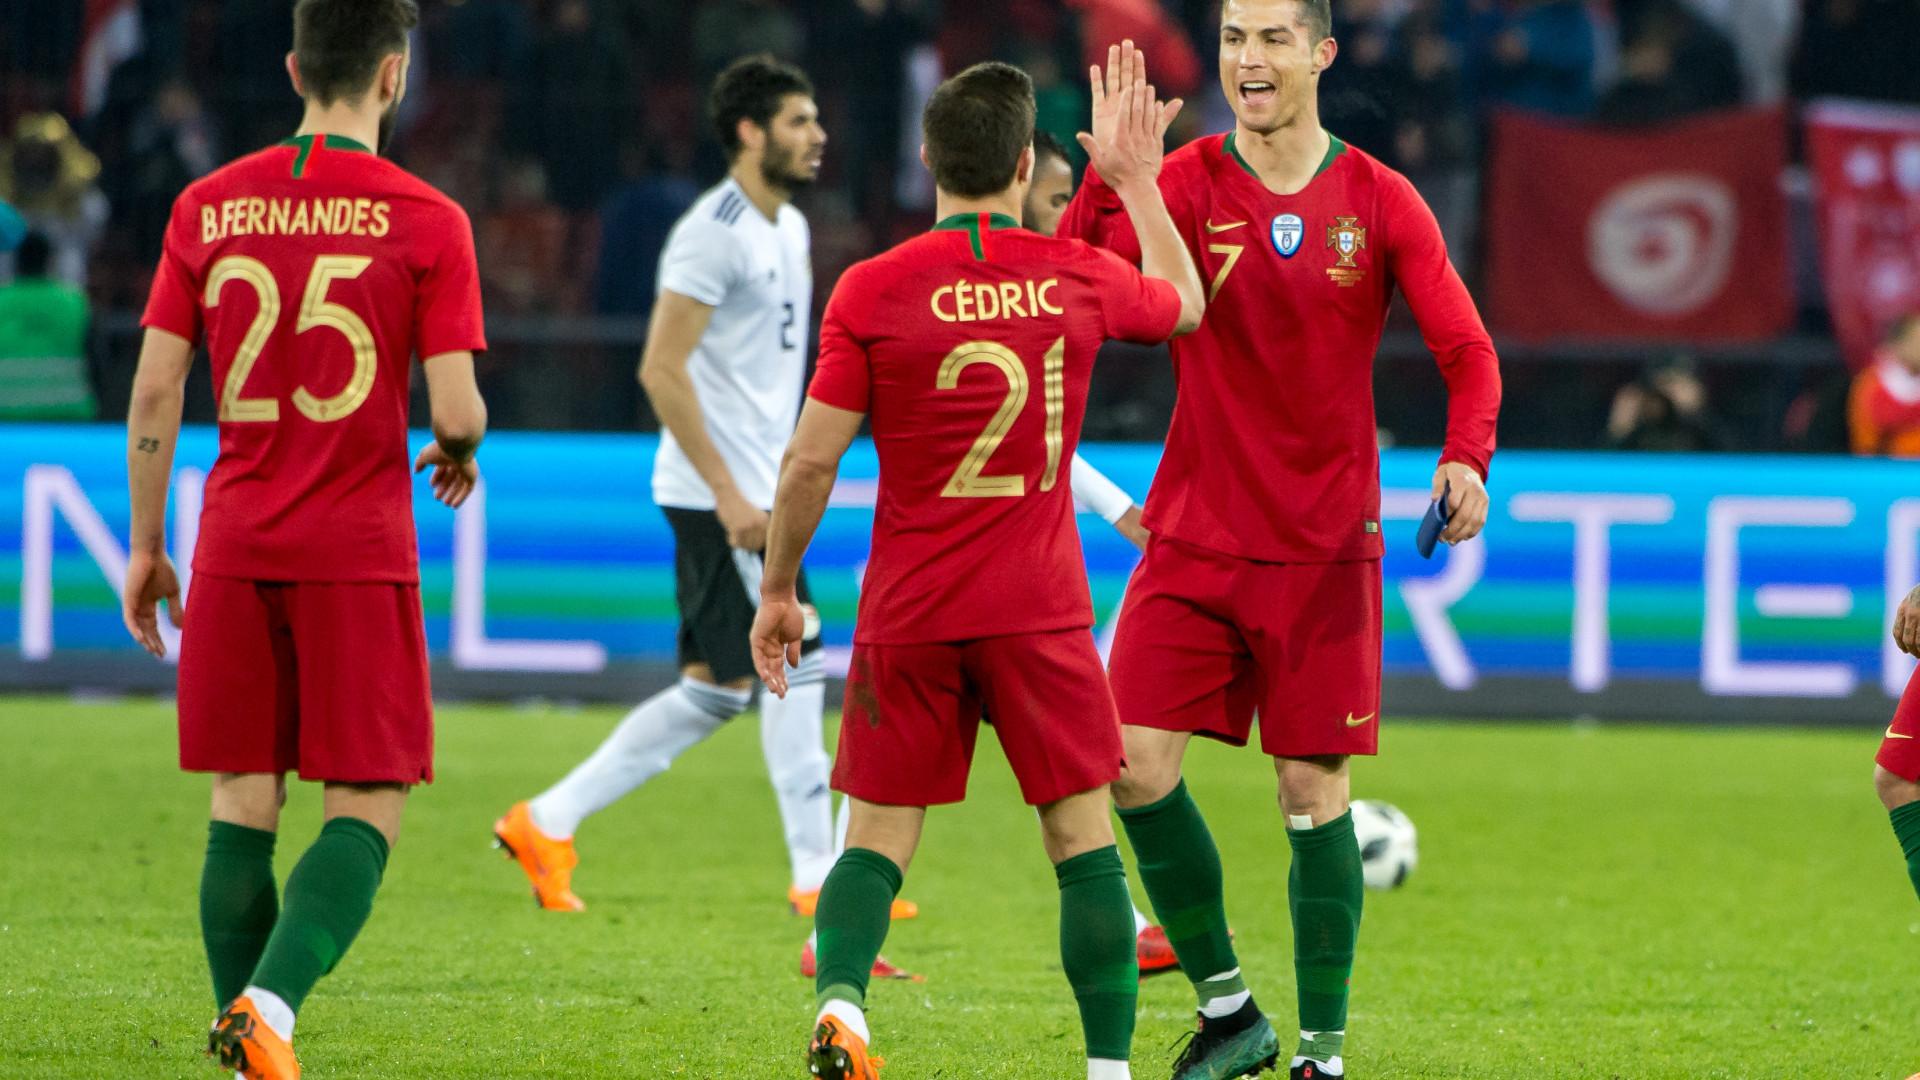 Imprensa internacional presta 'vassalagem' a Cristiano Ronaldo